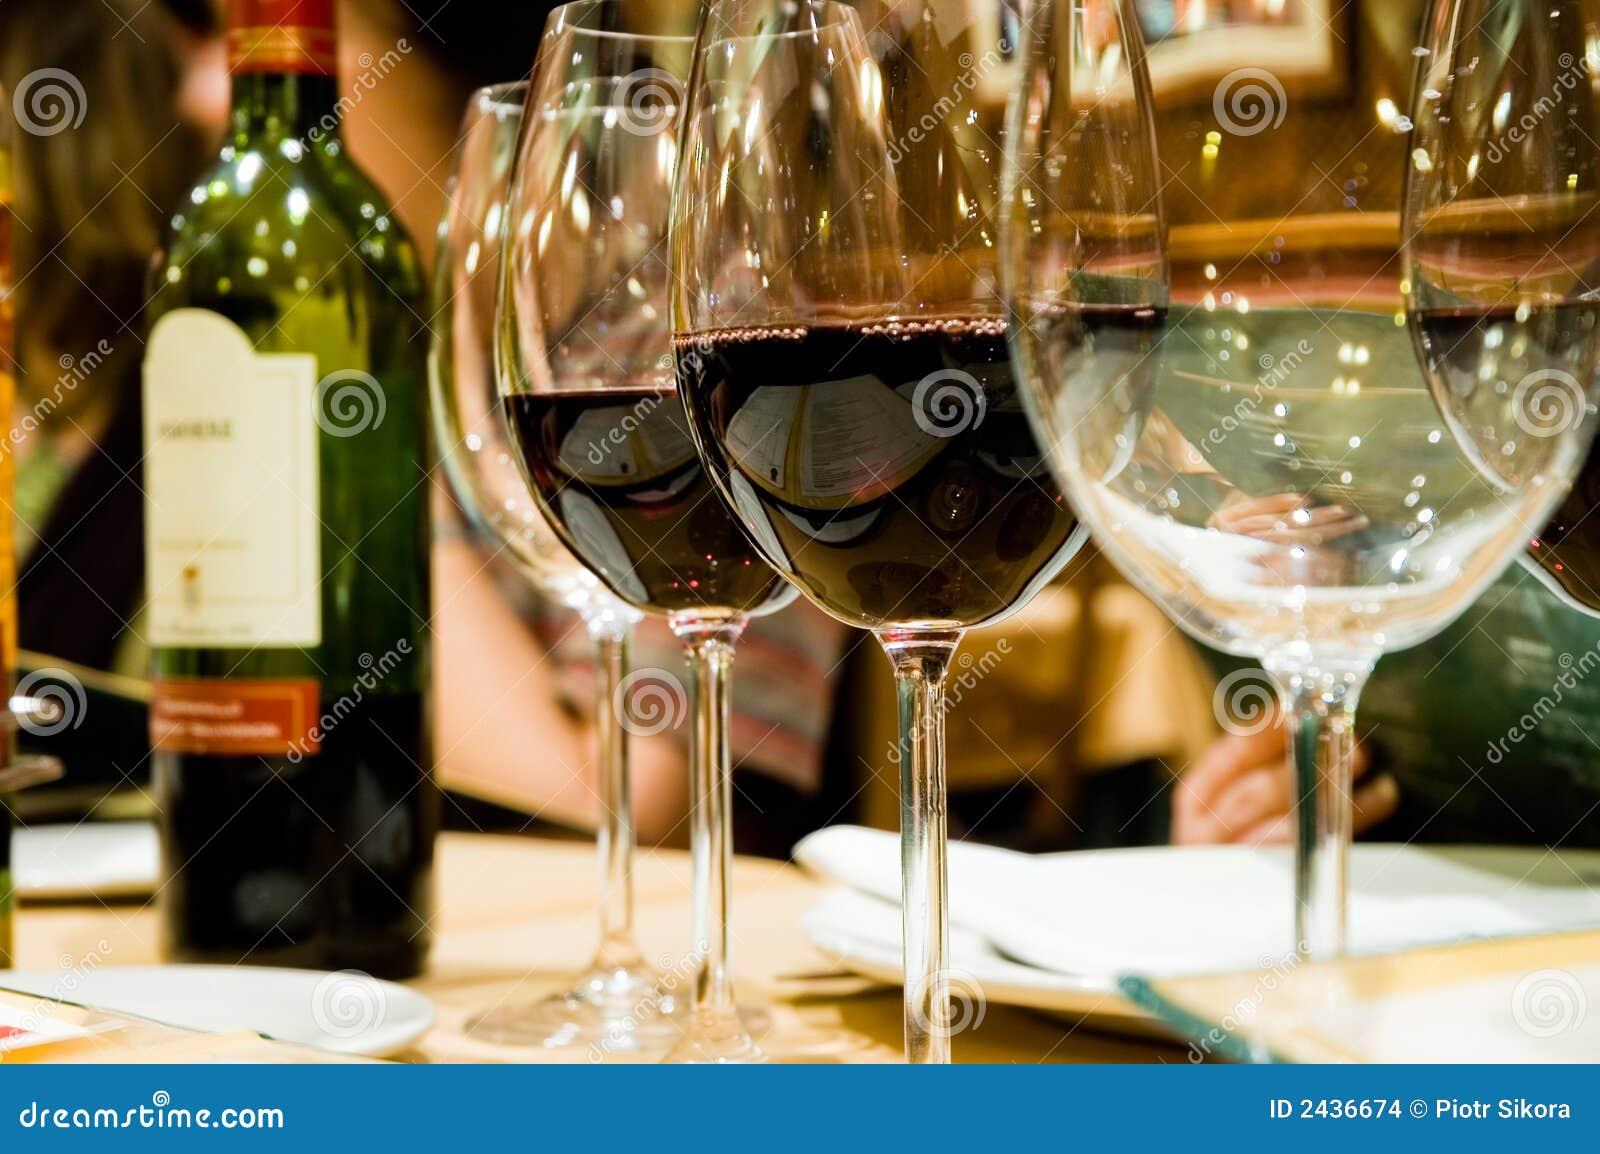 Glazen wijn in restaruant